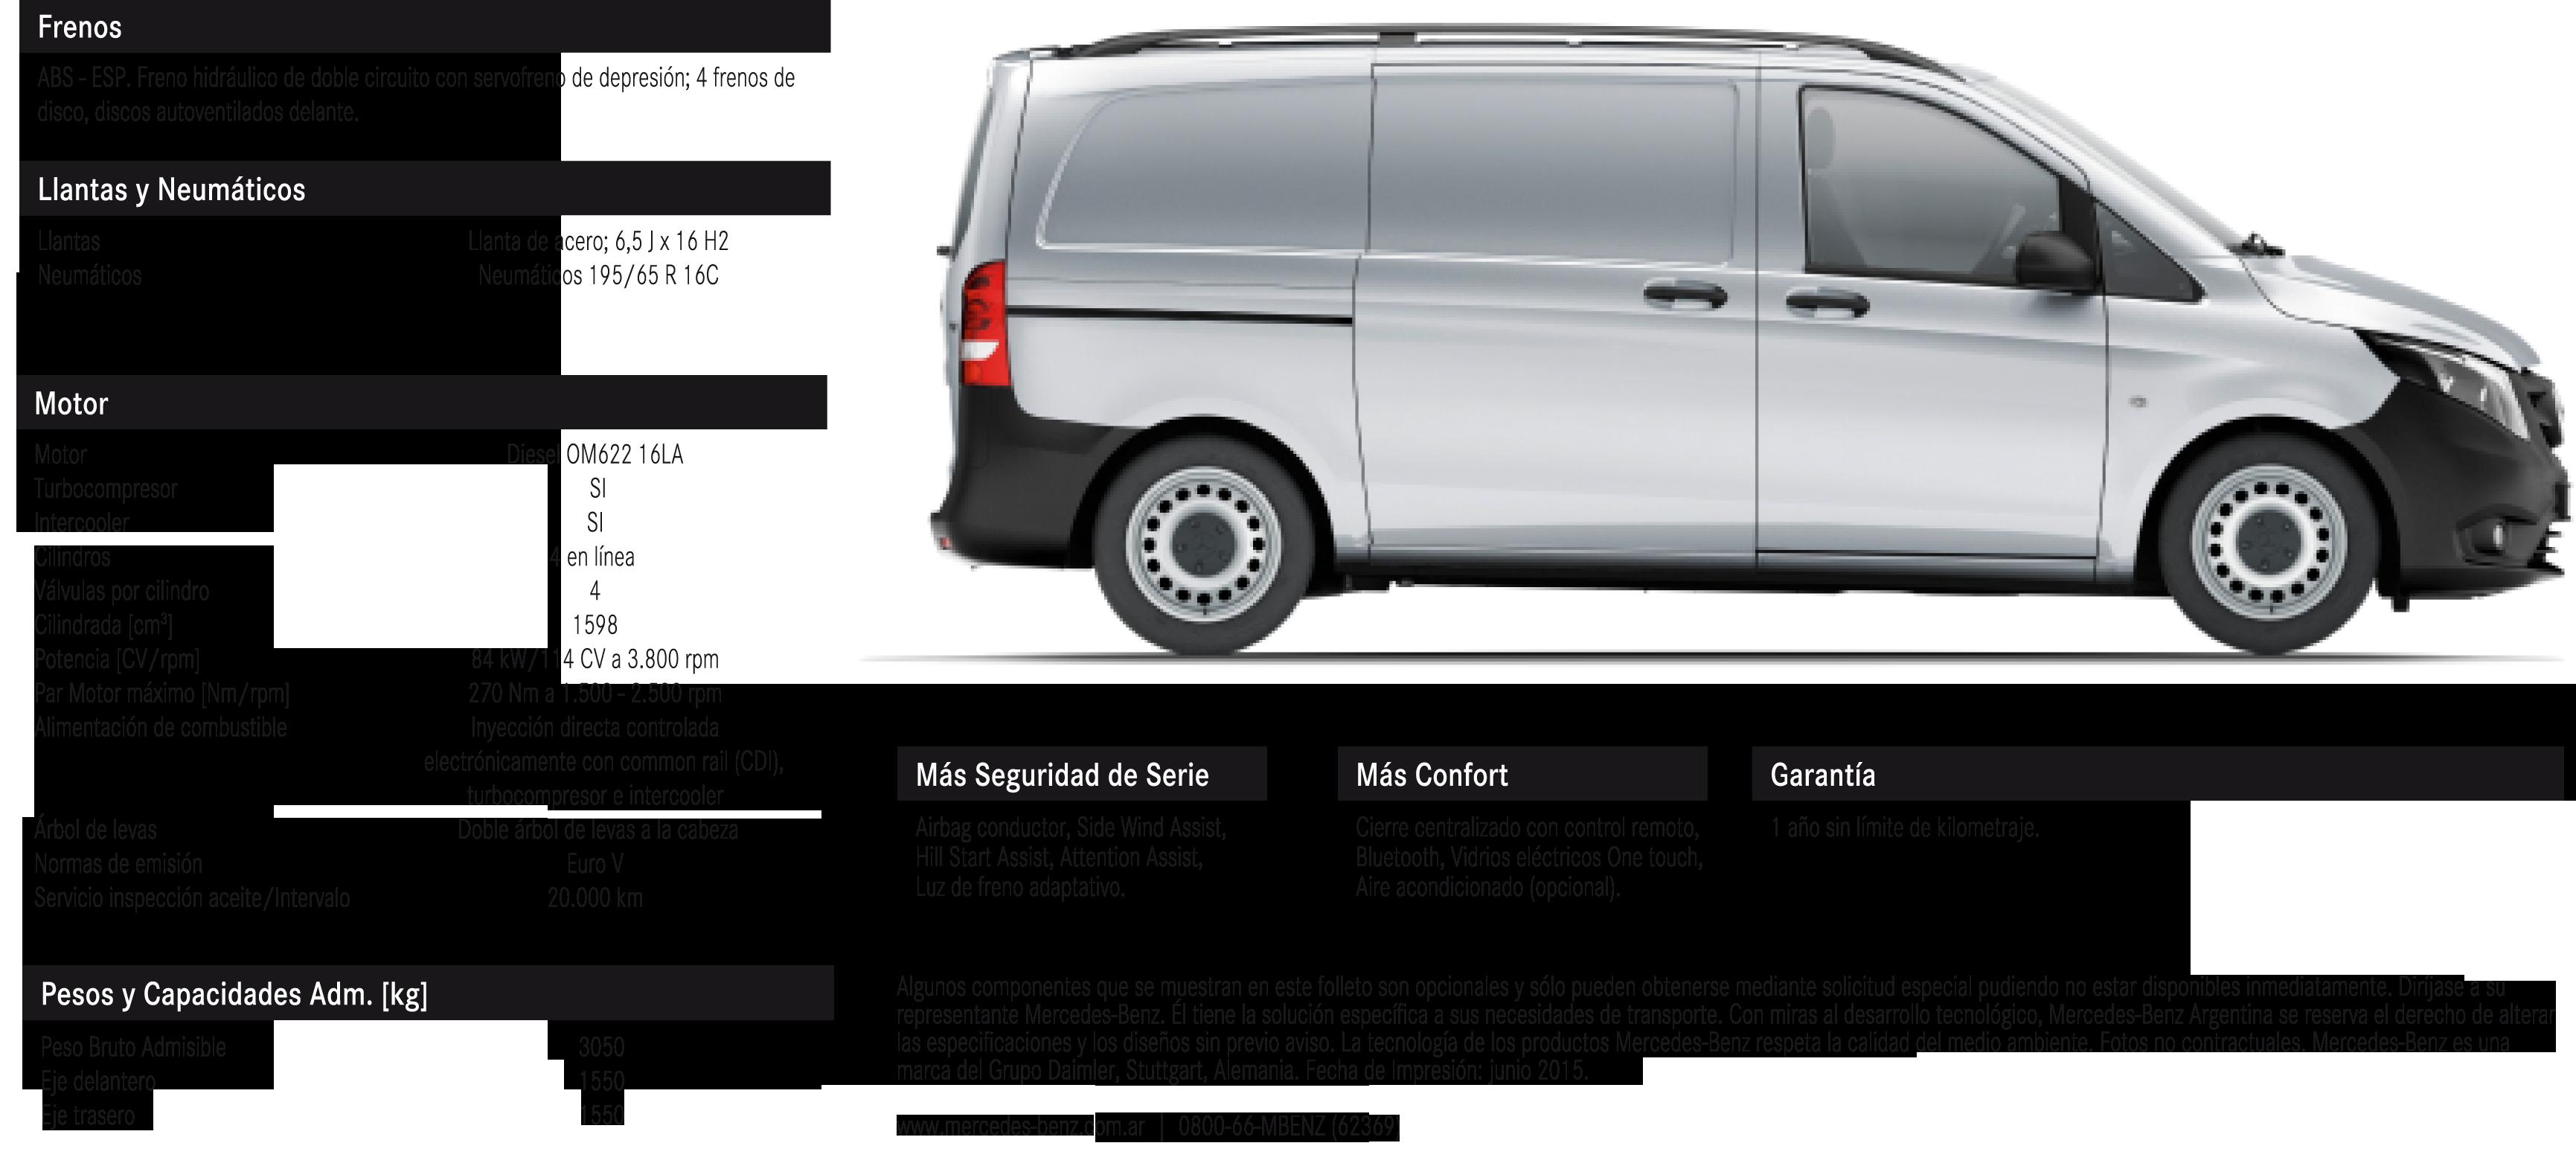 Pin De Diesel San Miguel En Vehiculos Comerciales Mercedes Benz Vehiculos Comerciales Mercedes Benz Neumaticos